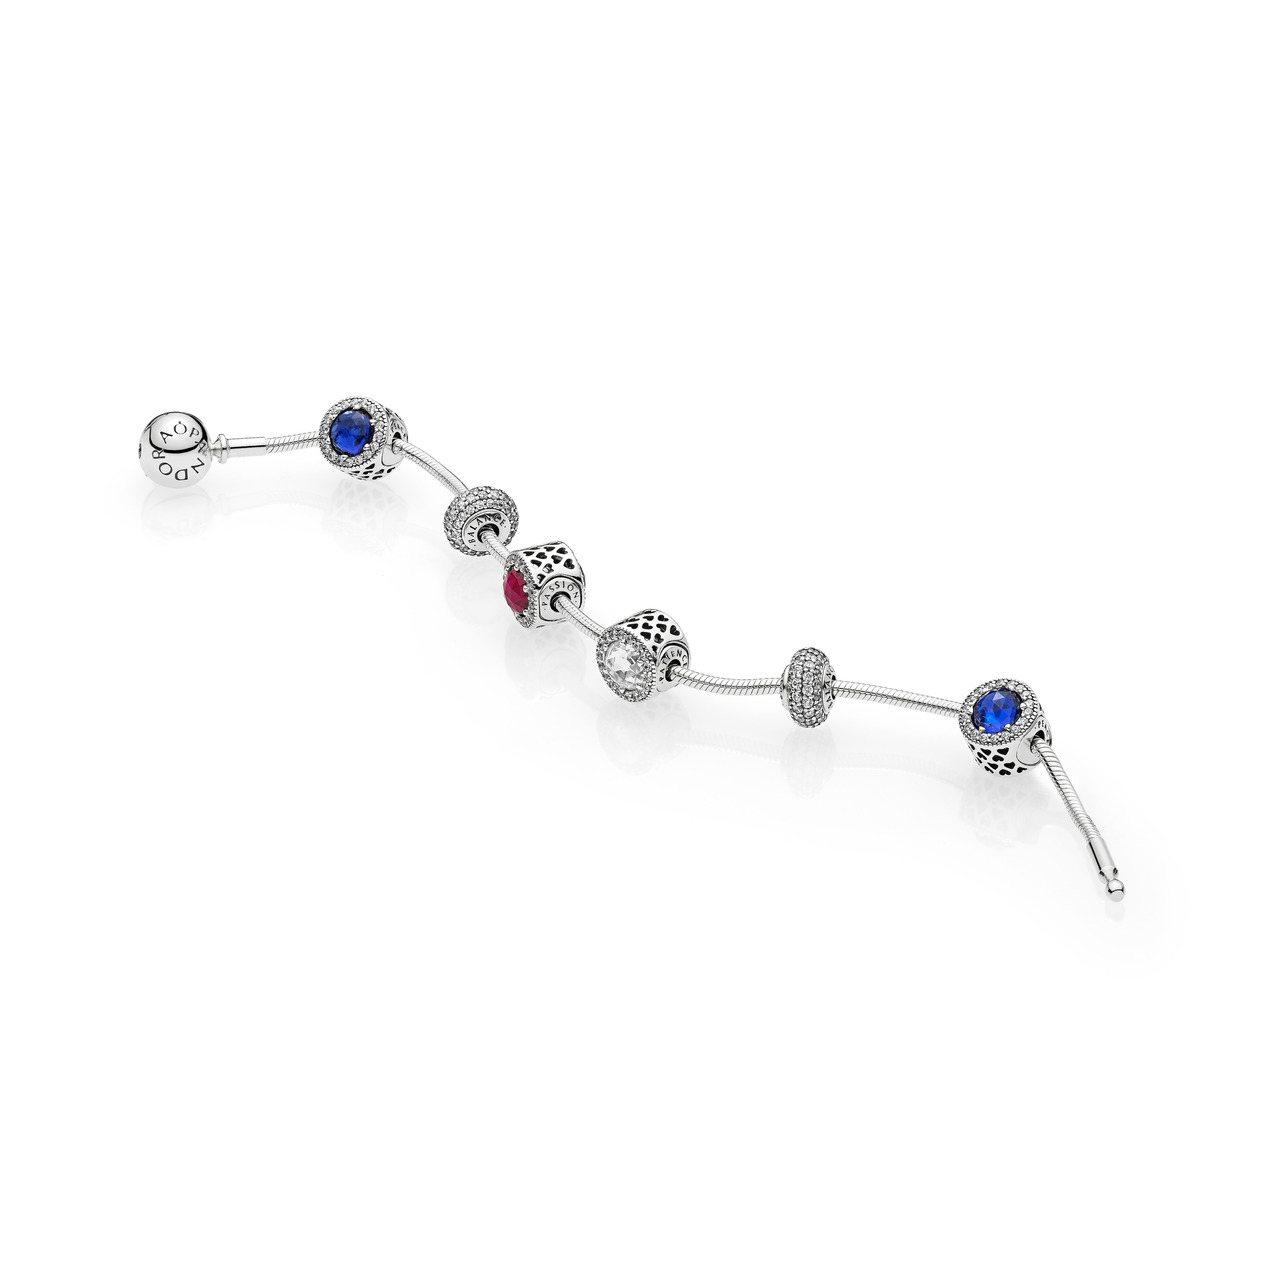 ESSENCE系列也以鮮豔珠寶色彩搭配獨有的意涵,像是綠色水晶代表和平、紅色水晶...